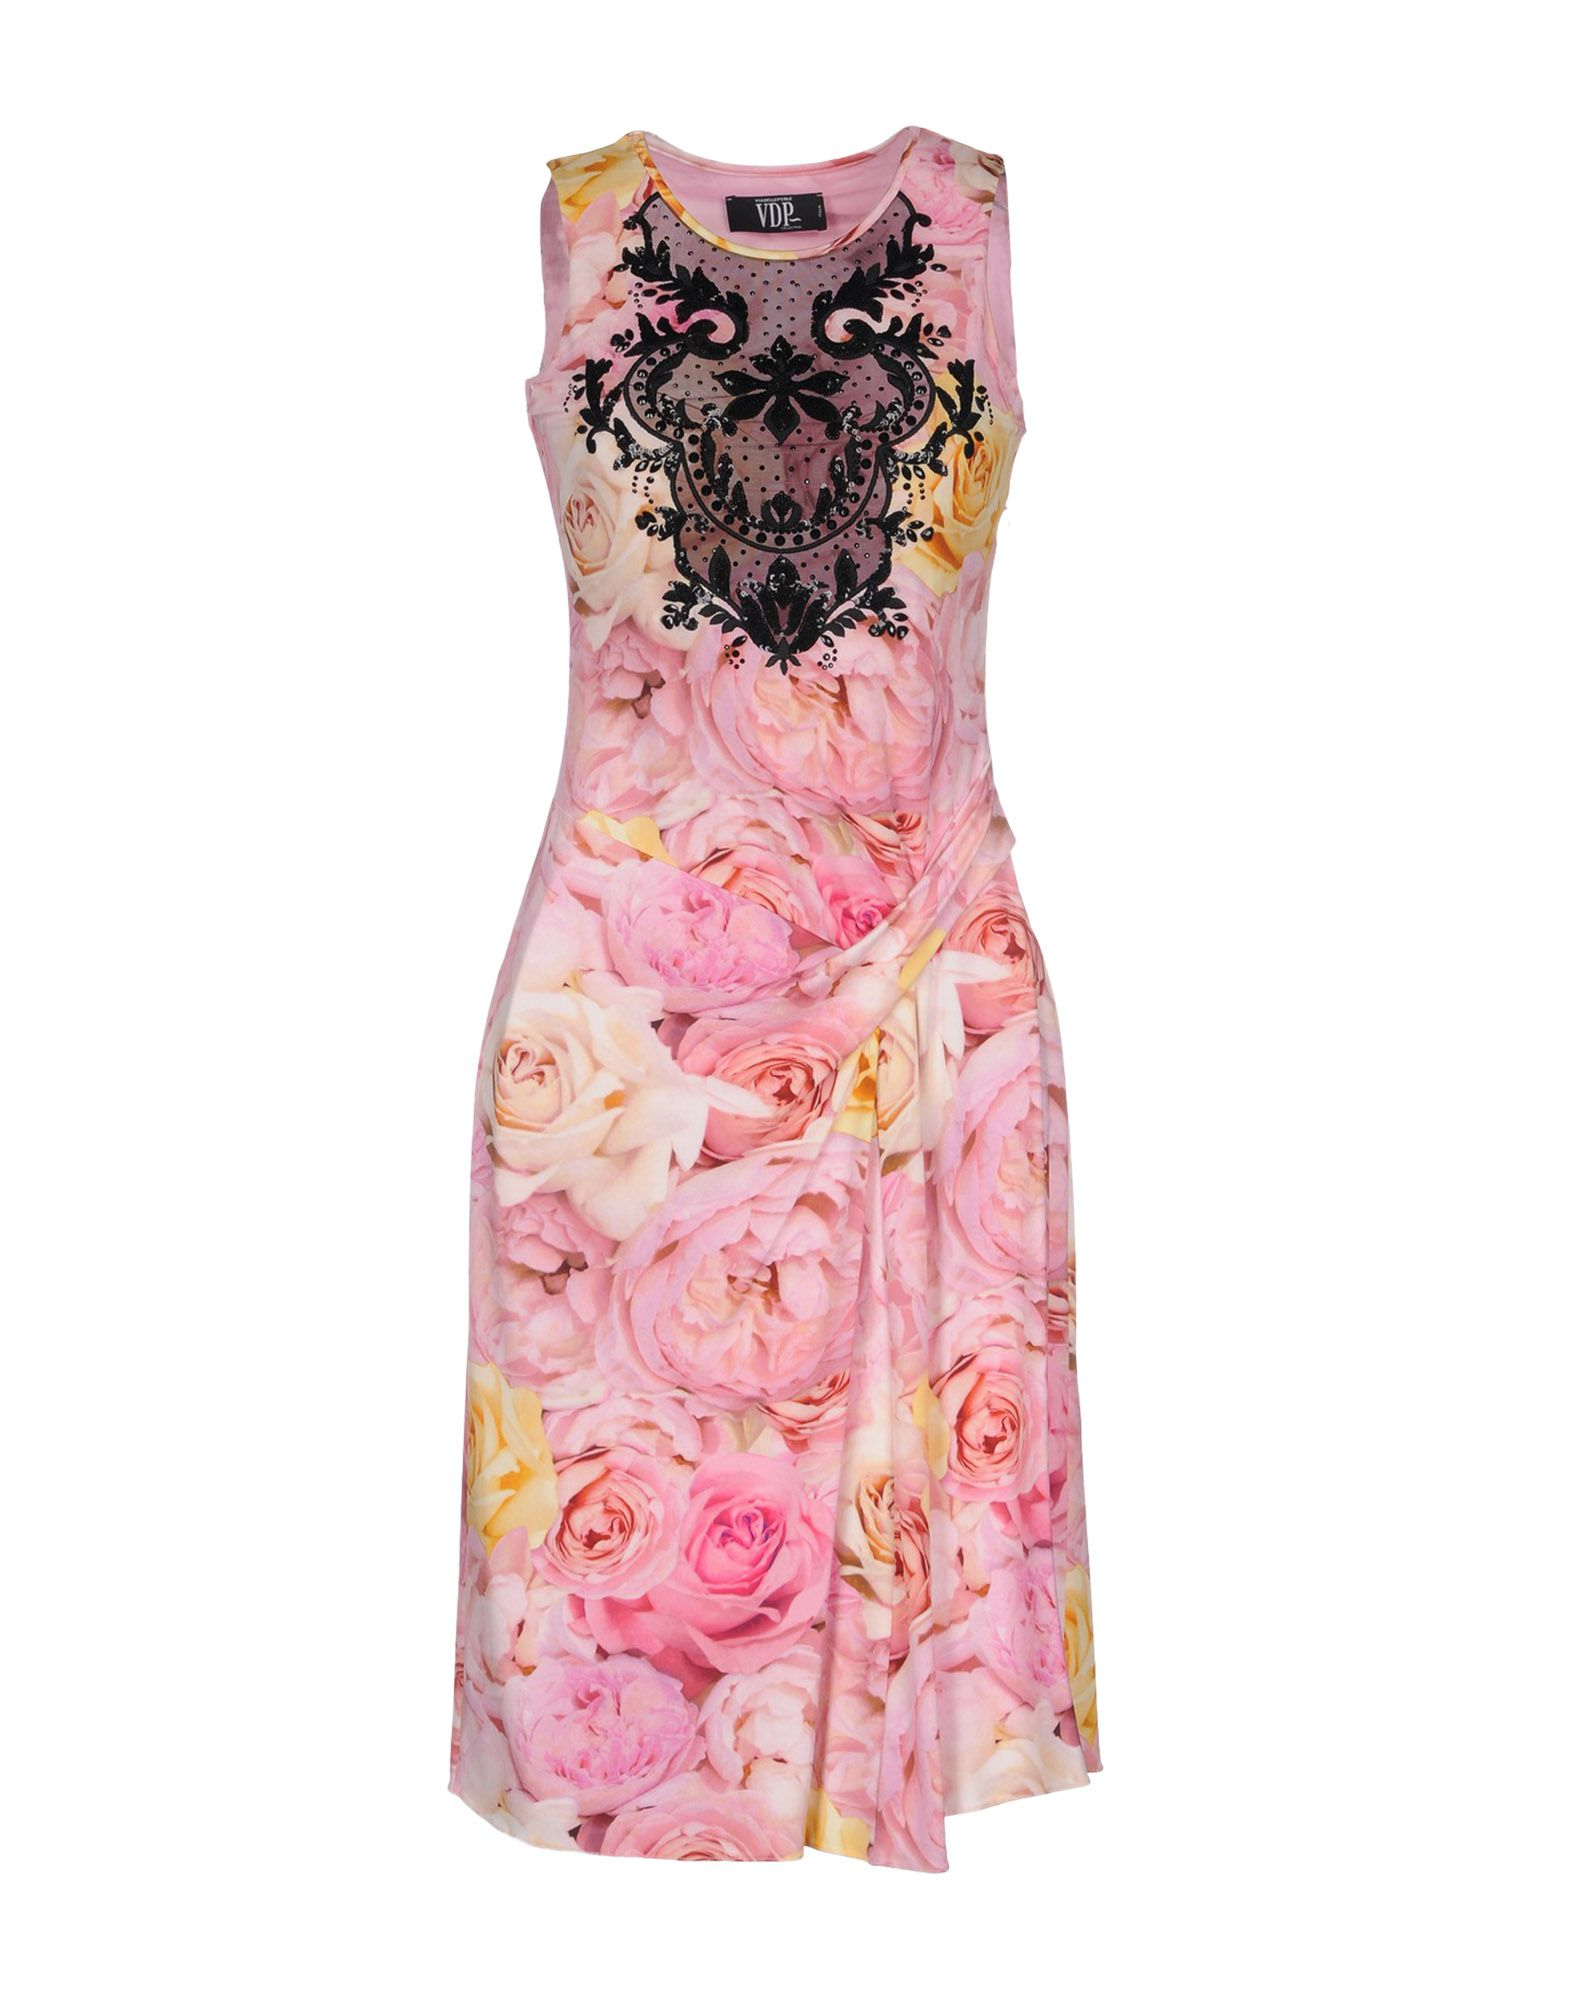 Vestito Al Ginocchio Vdp Collection Donna - Acquista online su hsyt4FJ